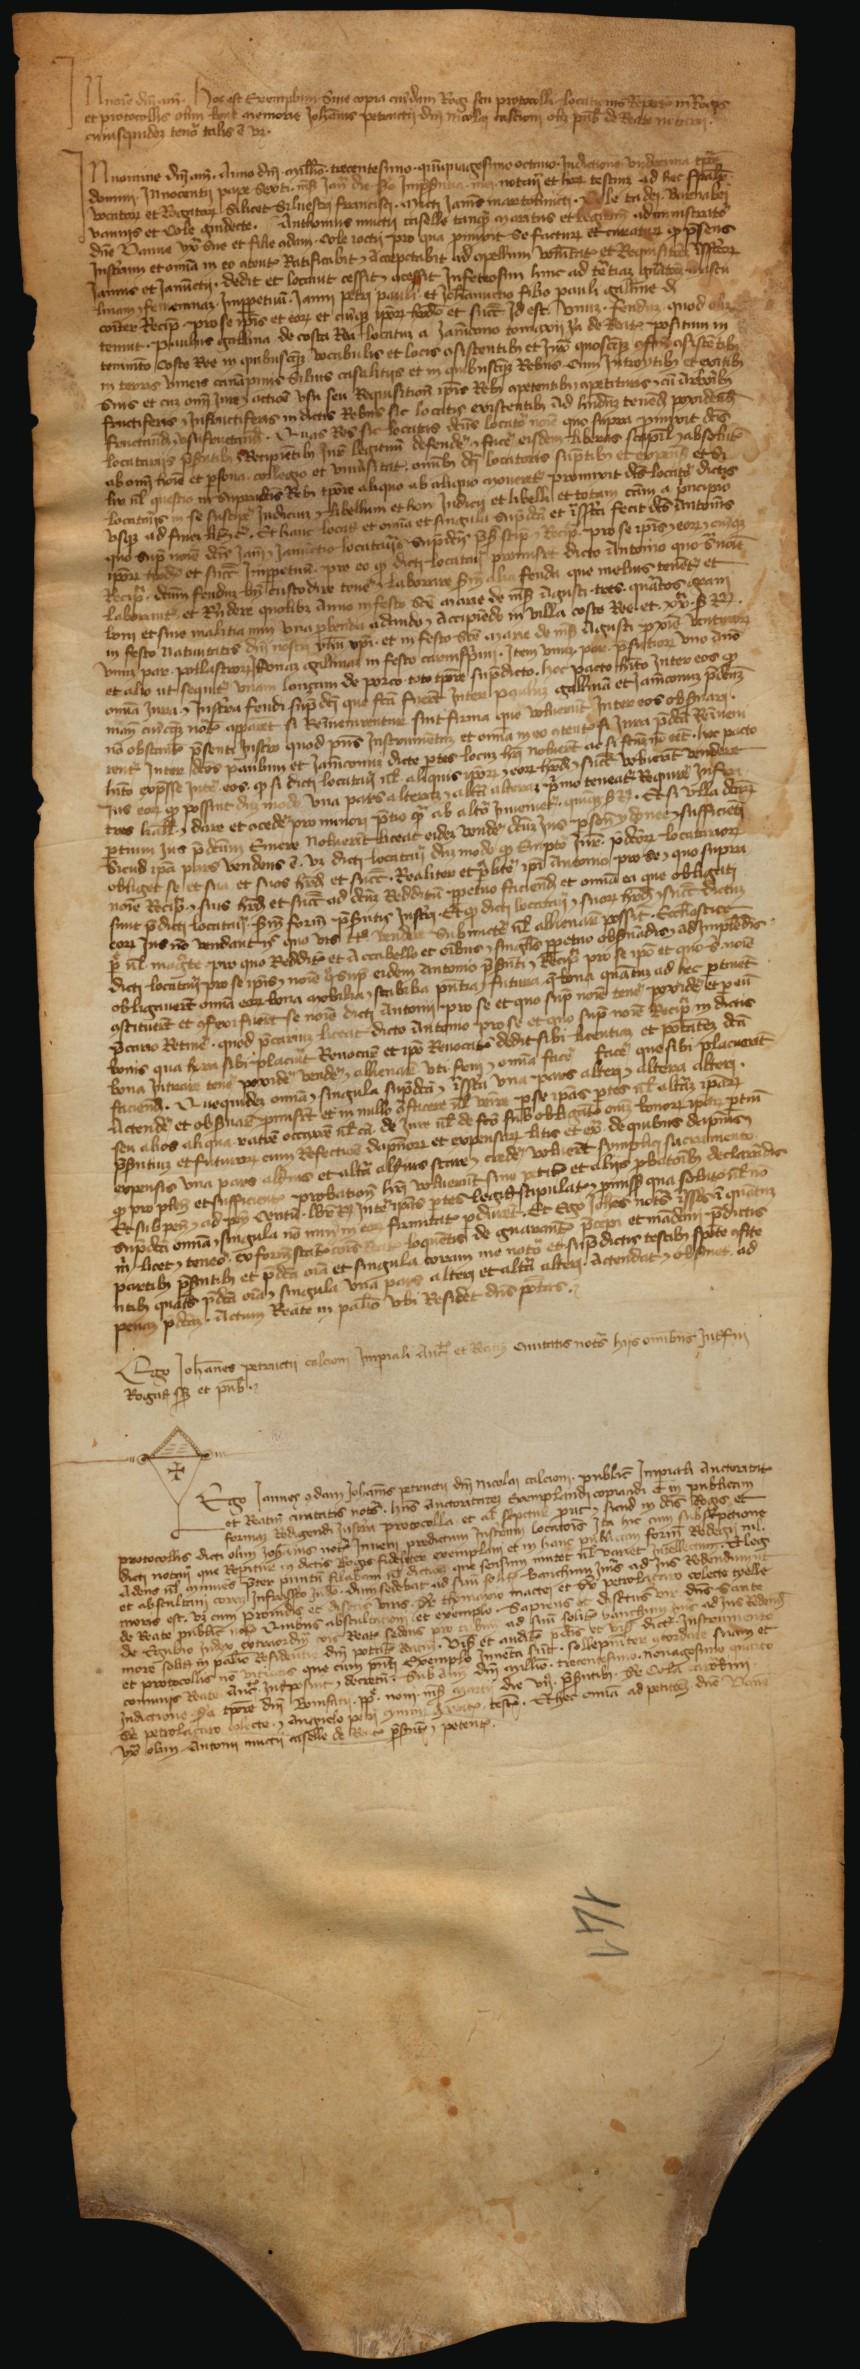 Archivio di Stato di Rieti, Archivio Storico Comunale Rieti, Pergamene, Album E, n.105.